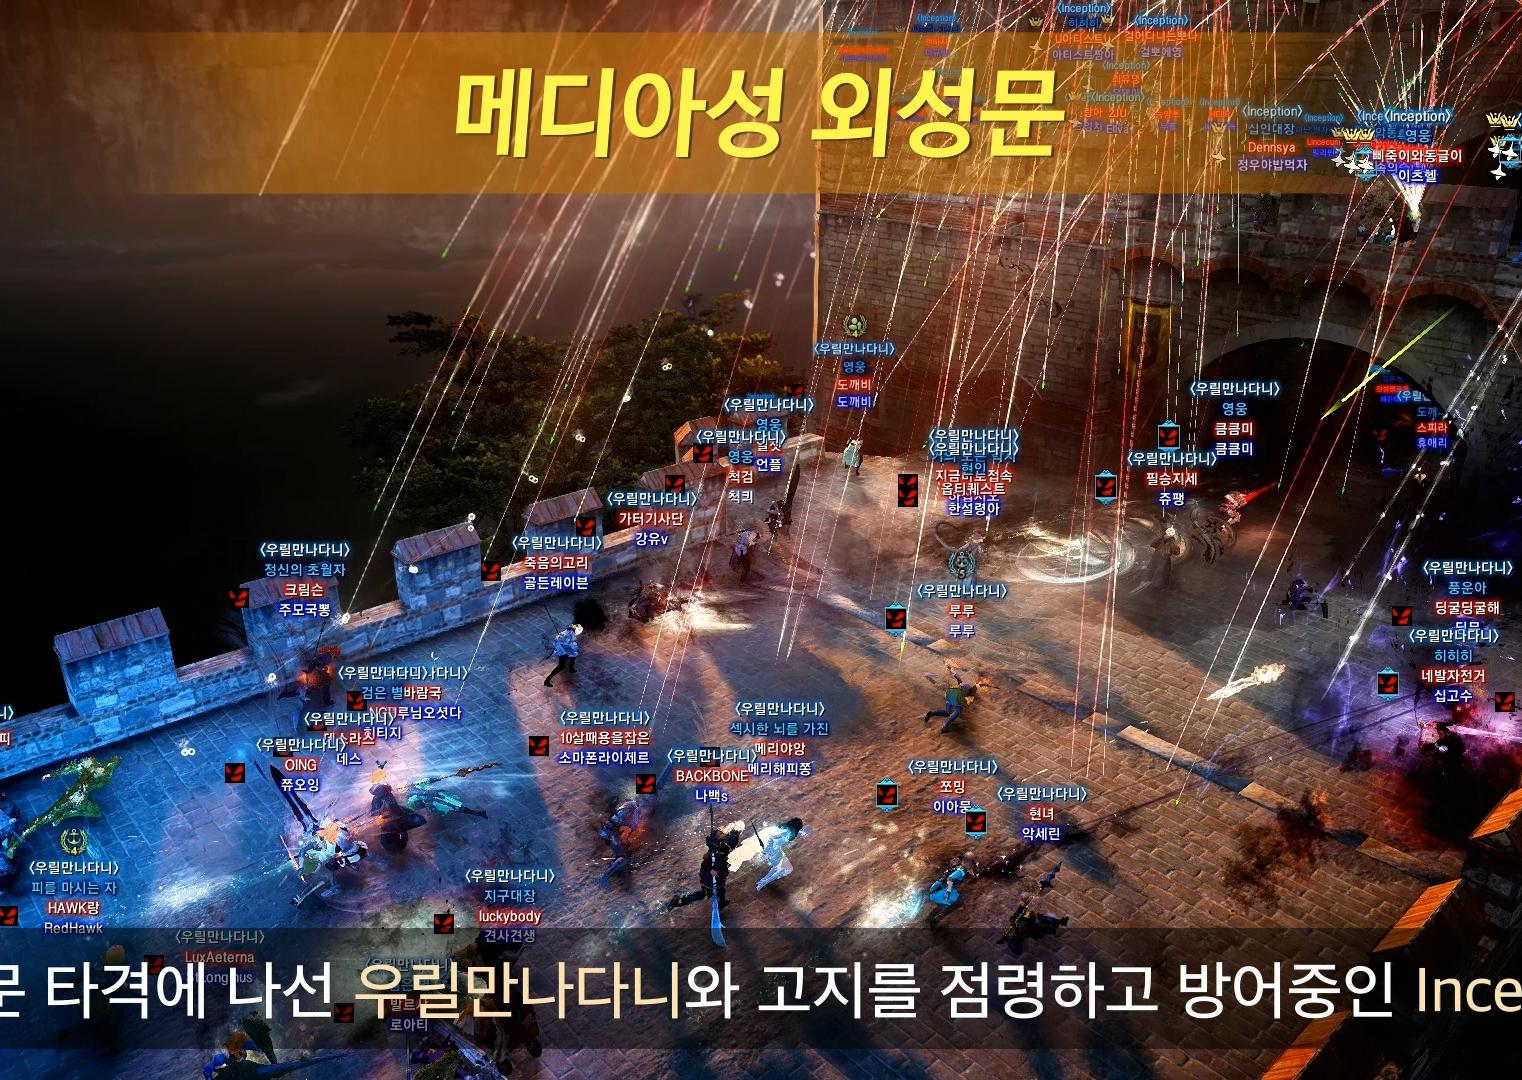 2017년 1월 21일 검은사막 월드 점령전